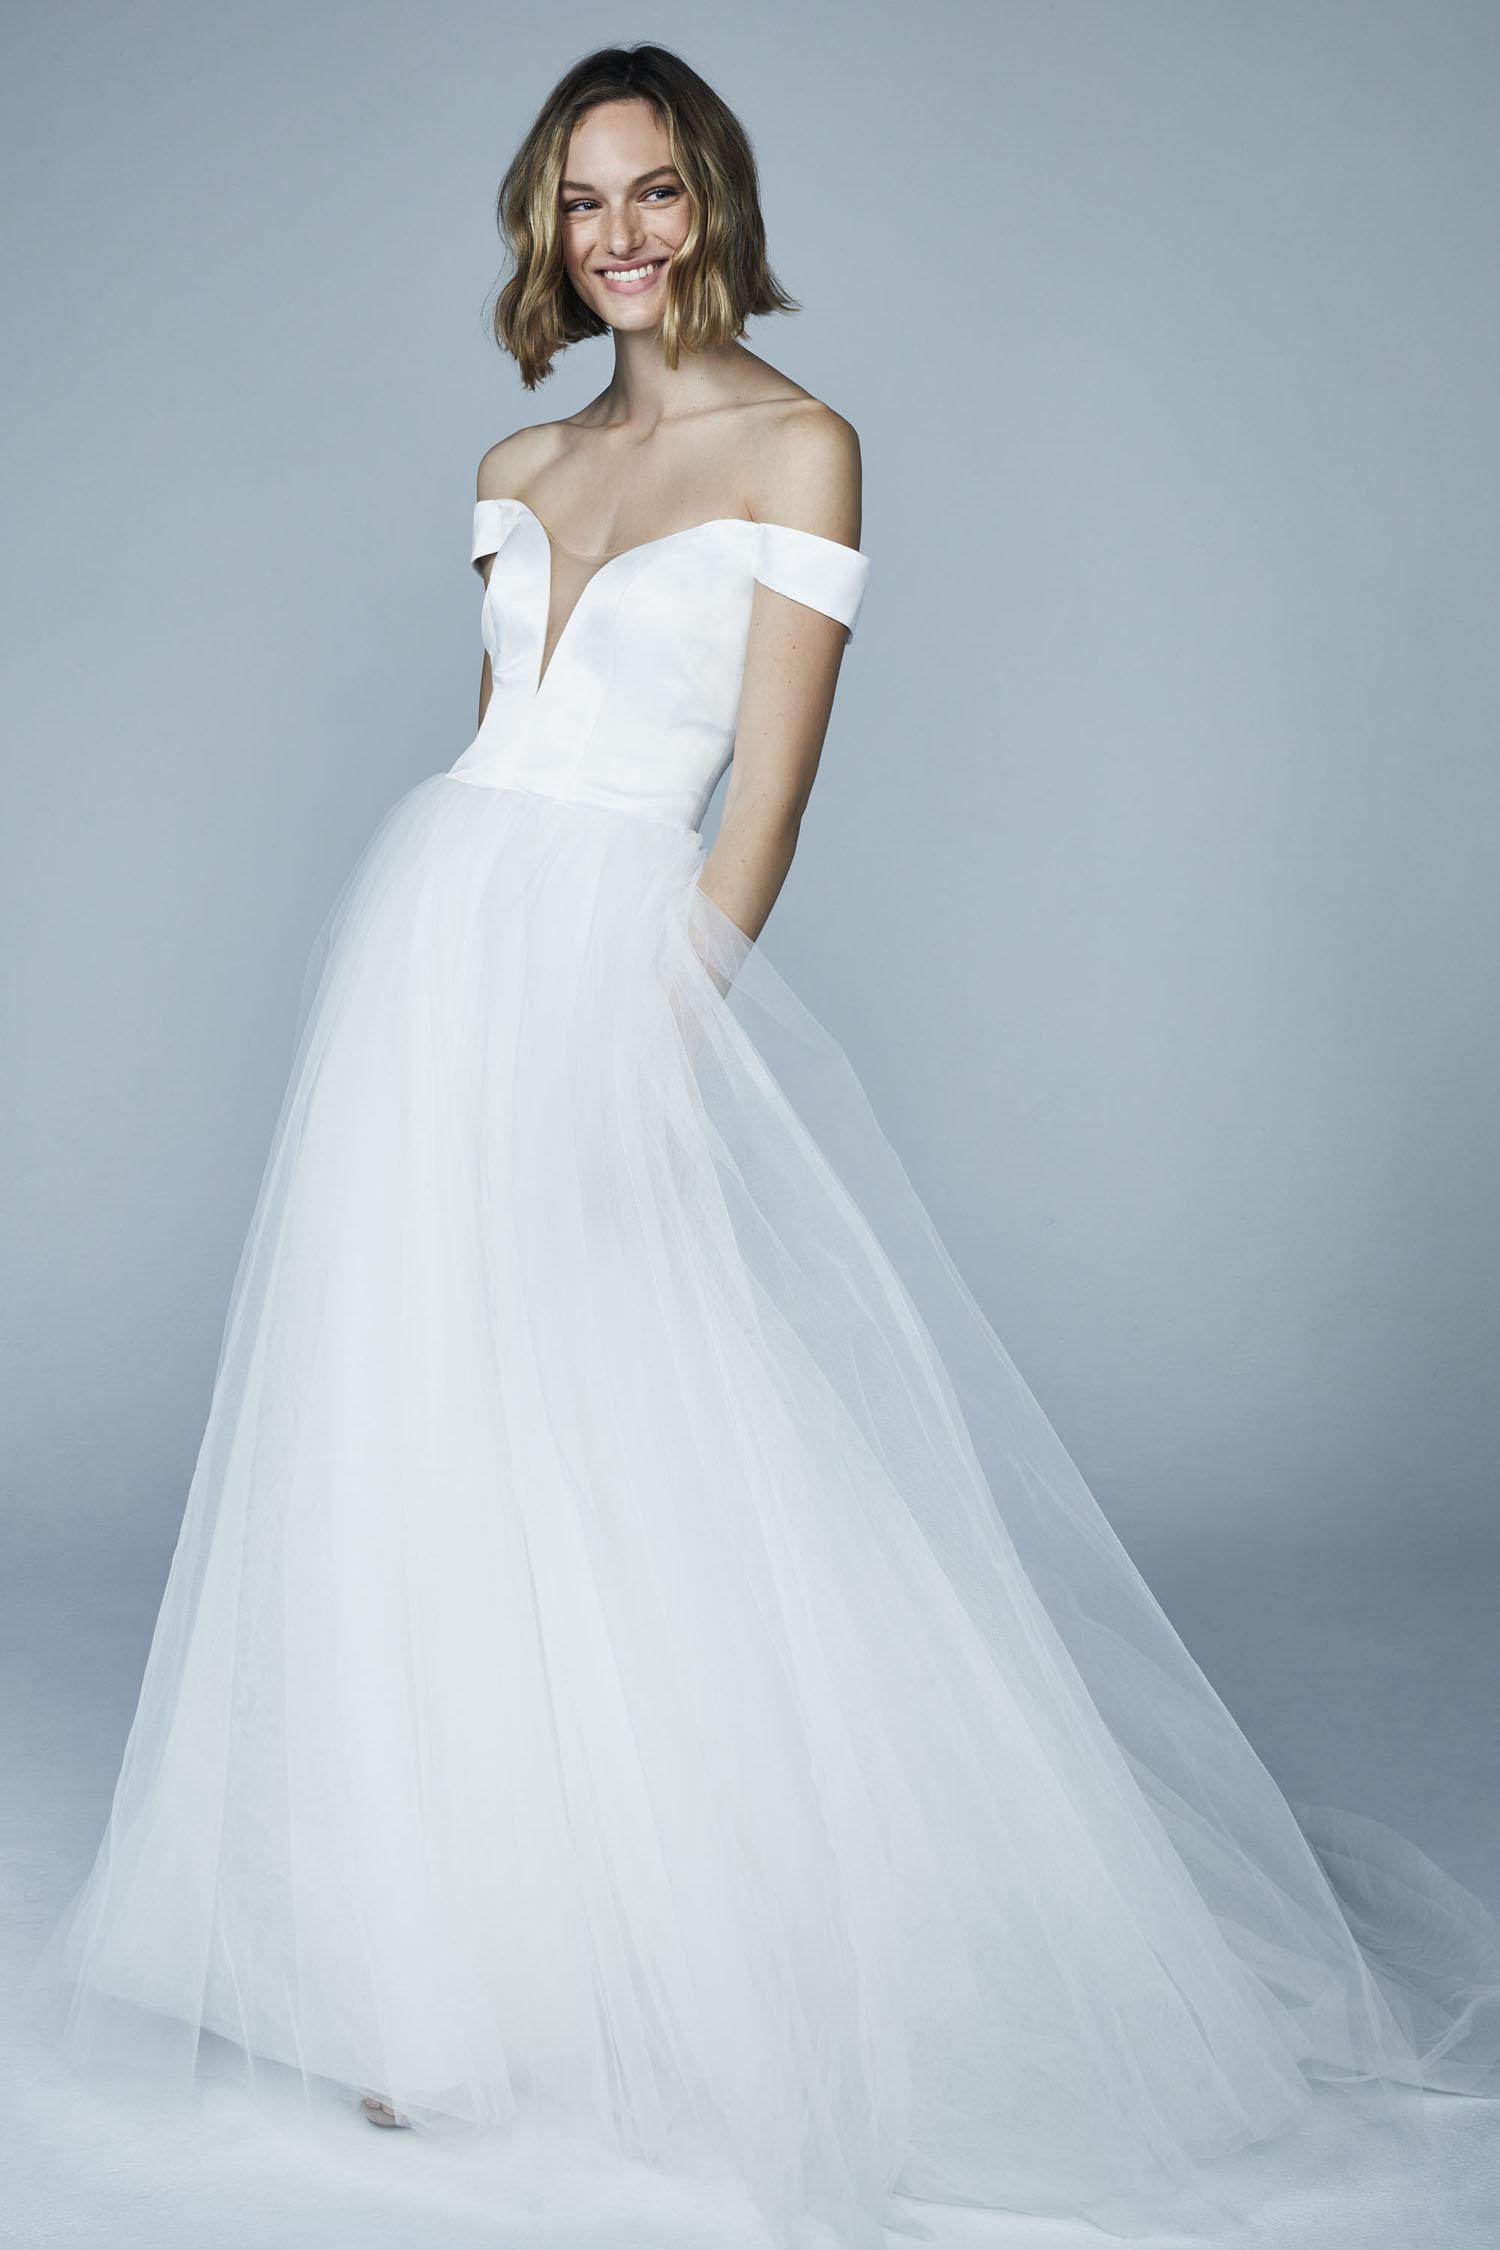 2021 Vow'd Wedding Dresses